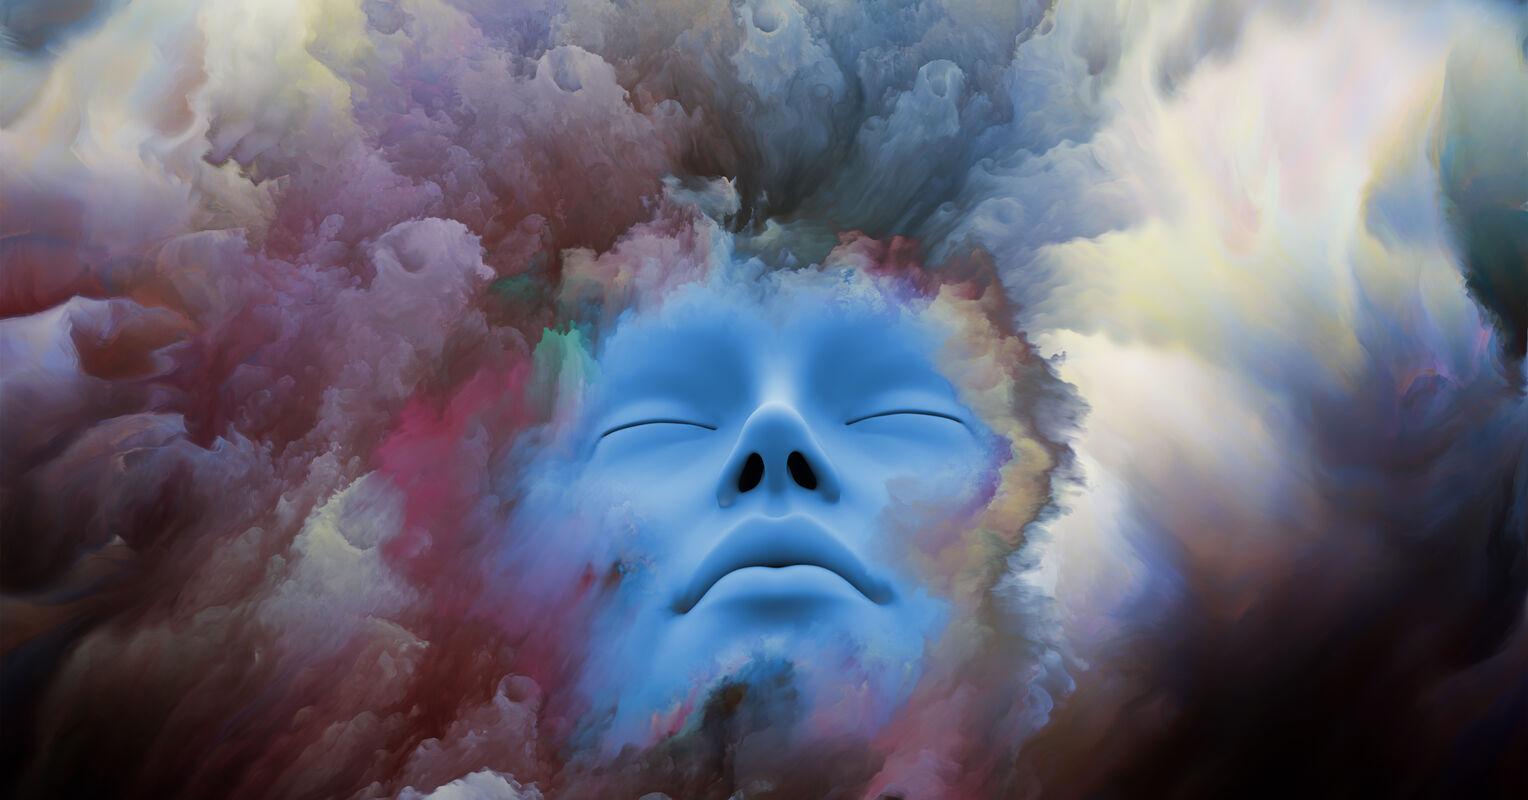 ماذا يحدث للدماغ عندما يتلاشى الوعي - الآليات التي تدعم الإدراك الواعي في أثناء الصحو أو فقد الوعي في أثناء التخدير العام - الوعي البشري - غياب الوعي